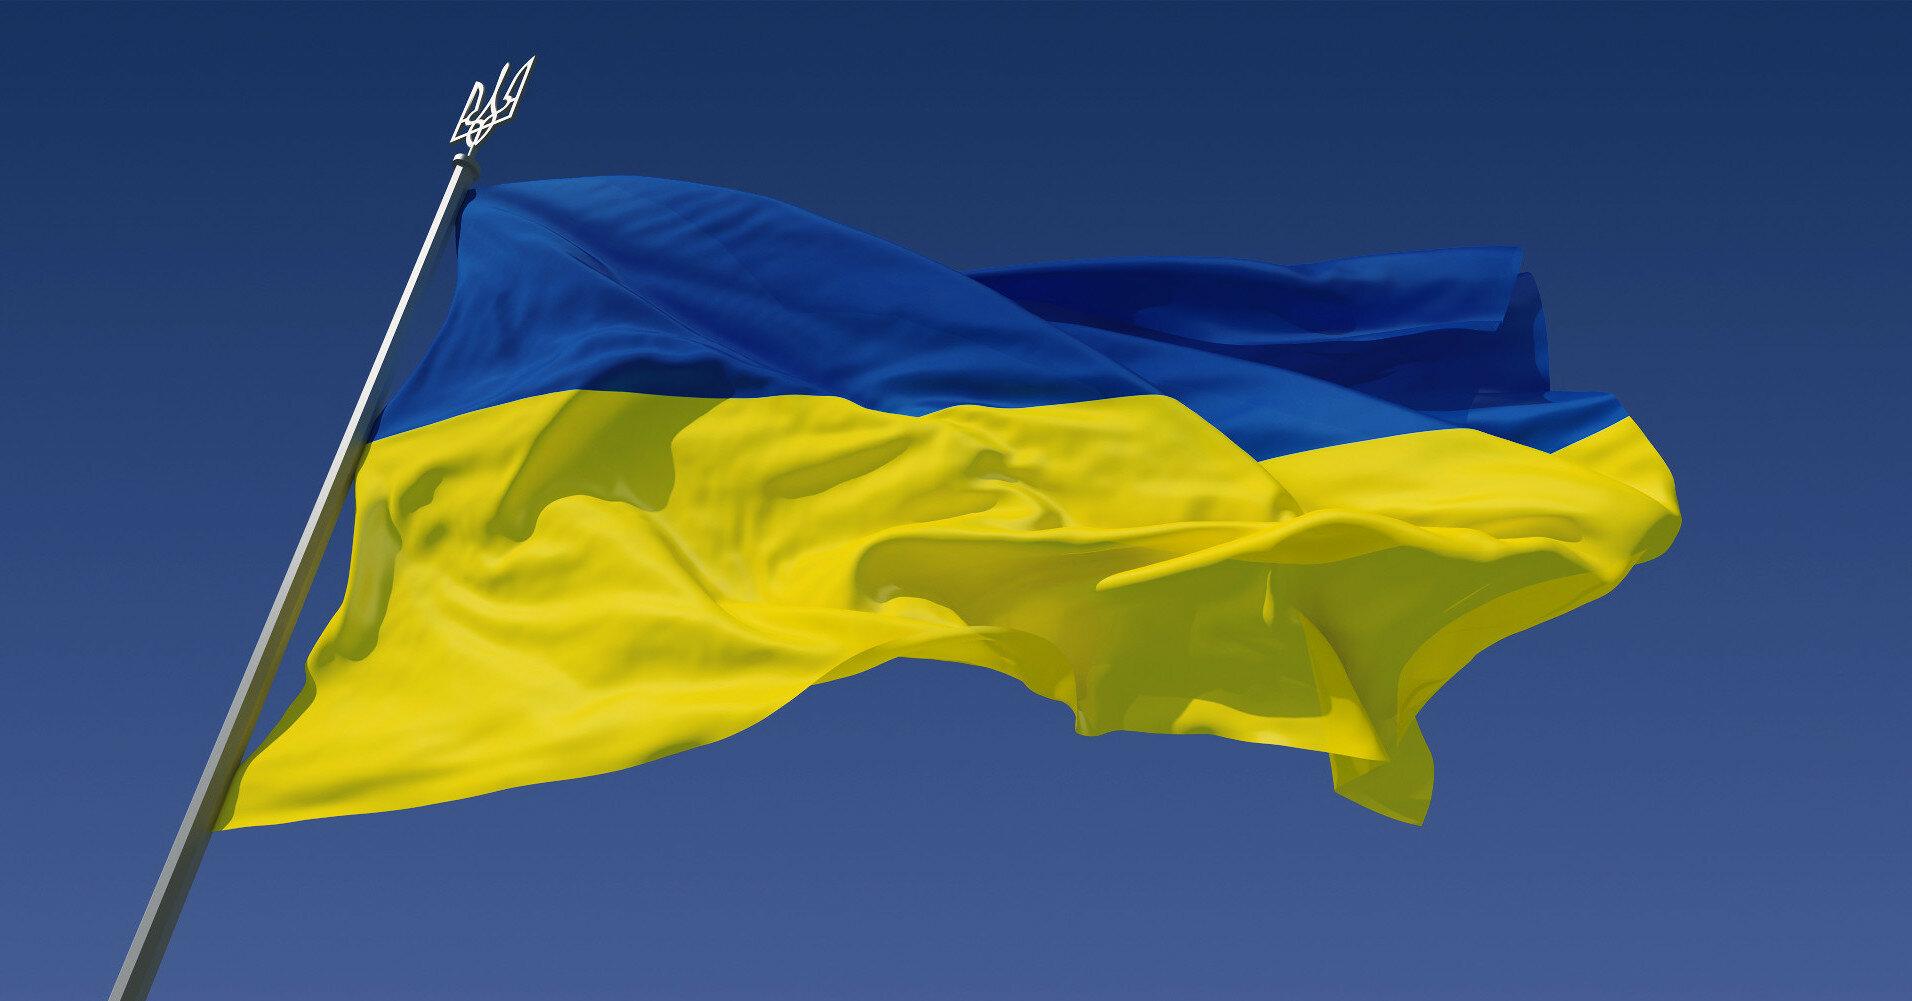 С начала оккупации Крыма РФ призвала на военную службу около 30 тыс. украинцев